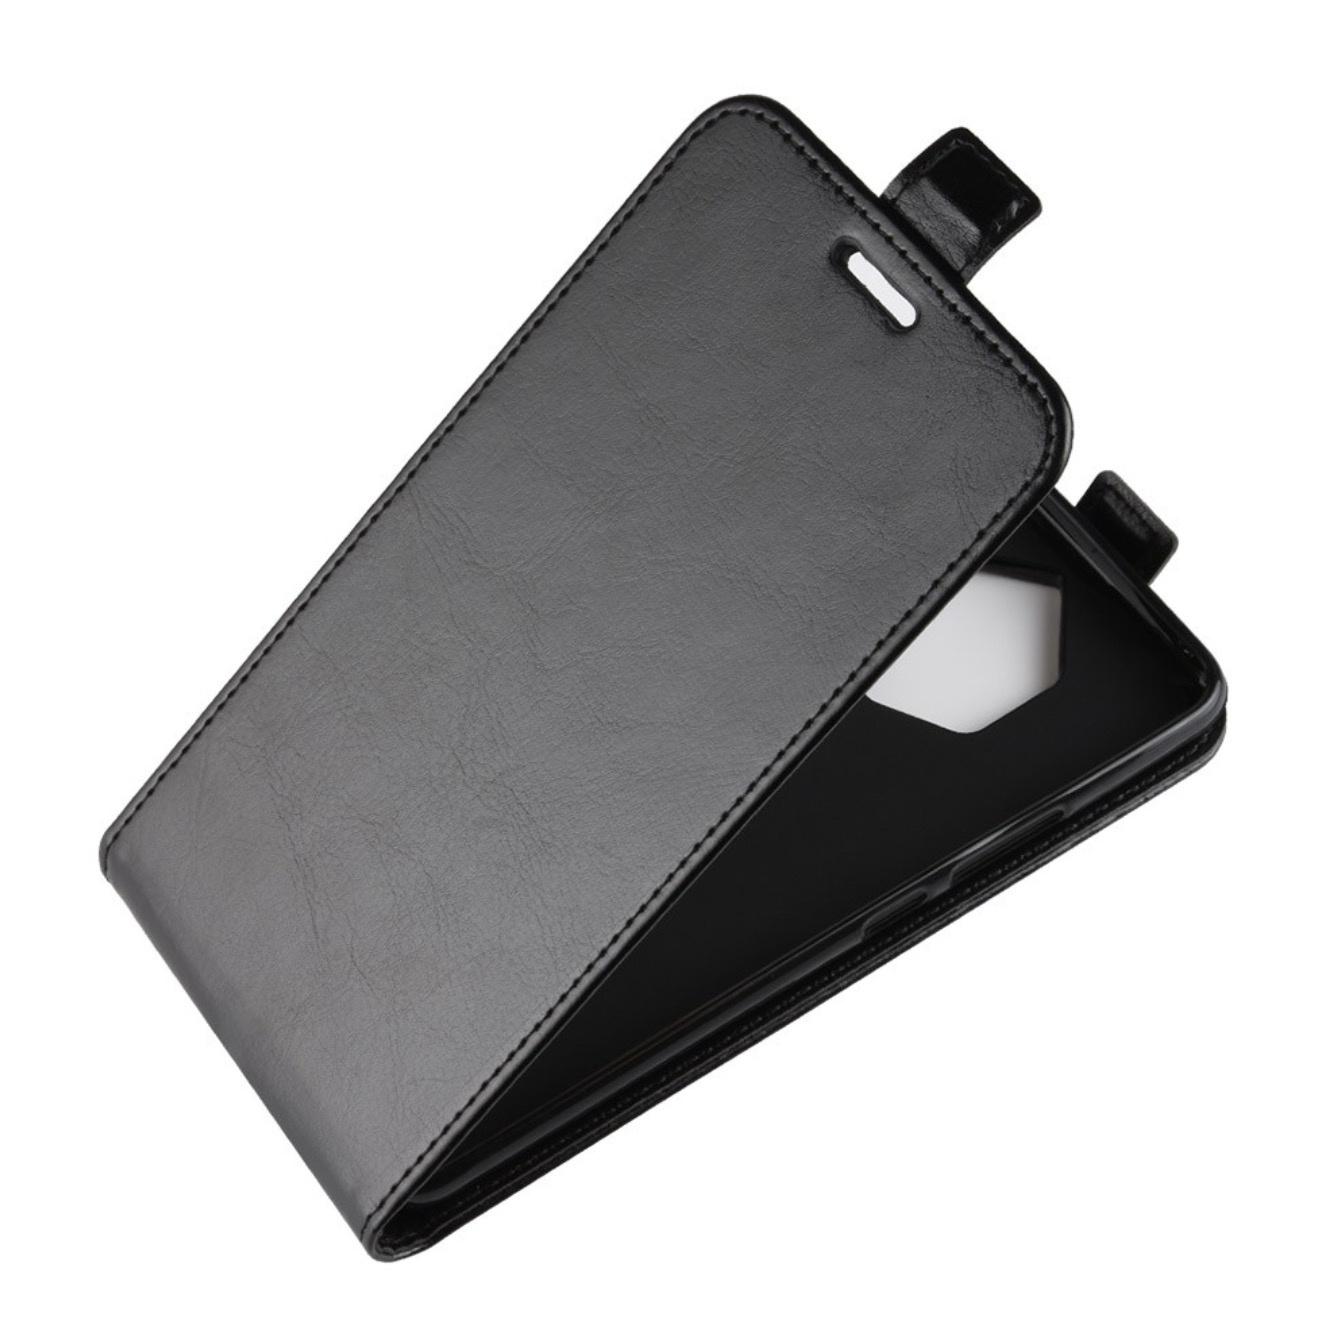 Чехол-флип MyPads для ThL 4000 вертикальный откидной черный